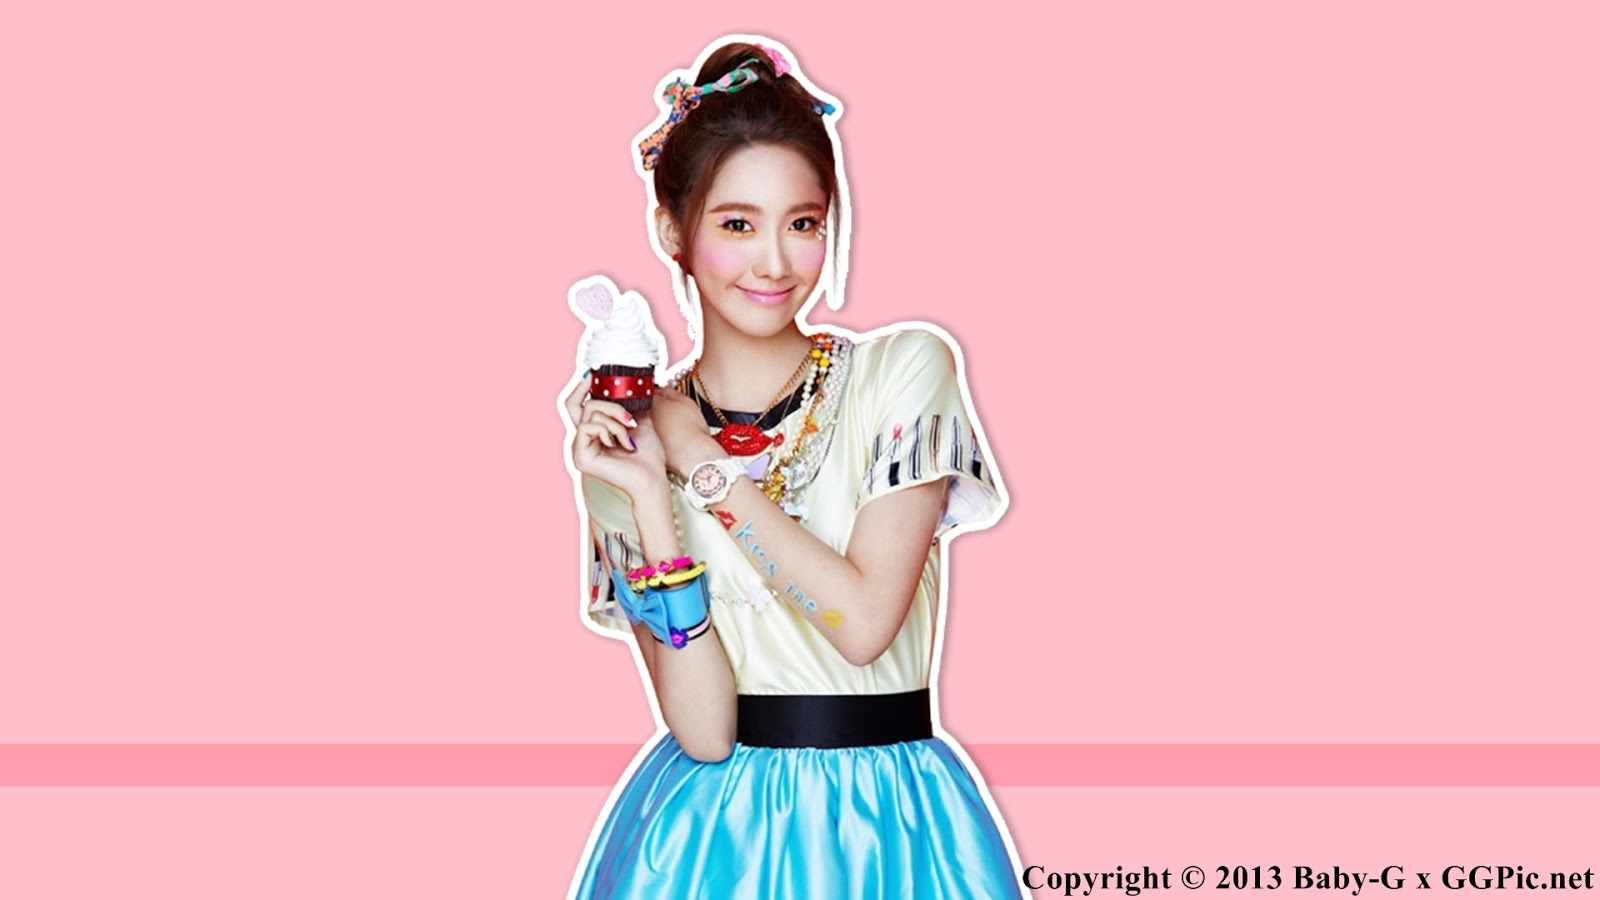 http://4.bp.blogspot.com/-IoOSYX0OEK8/USCkVvLfI0I/AAAAAAAAJLw/RQB_uuj11G8/s1600/130217GGPicYoonDesk.jpg